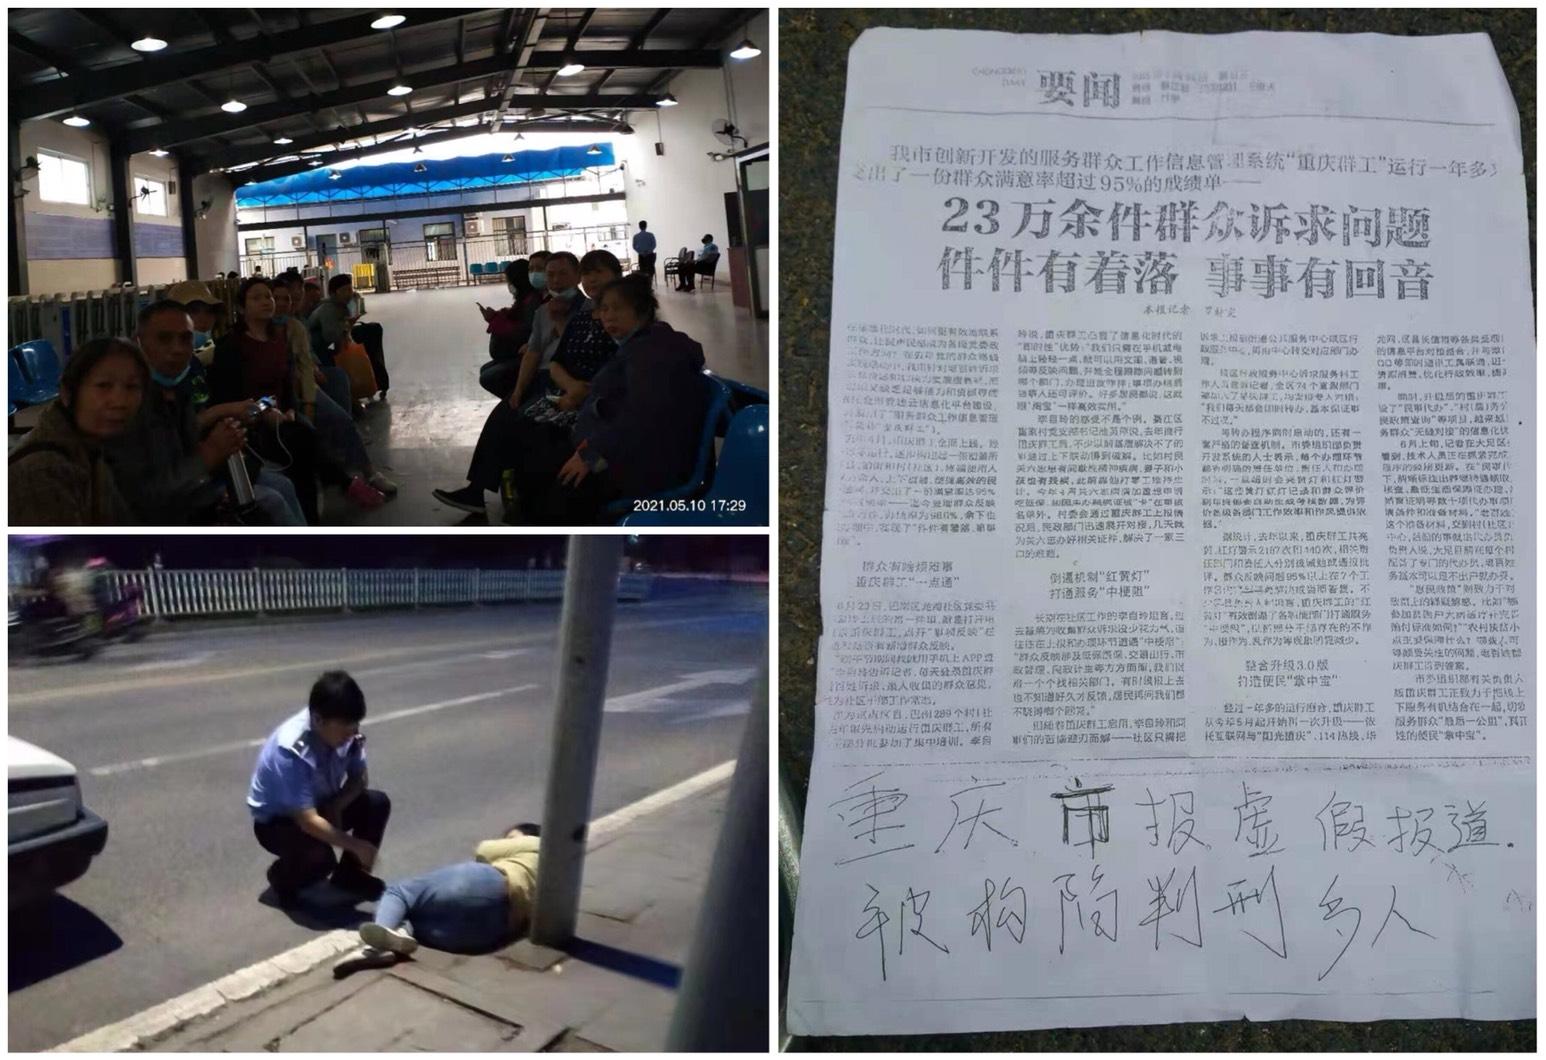 逾30名重慶維權公民進京舉報重慶市政府所稱「信訪案件已清倉見底」是個謊言。但都被北京警方查身份證後扣押警局。(受訪者提供/大紀元合成)